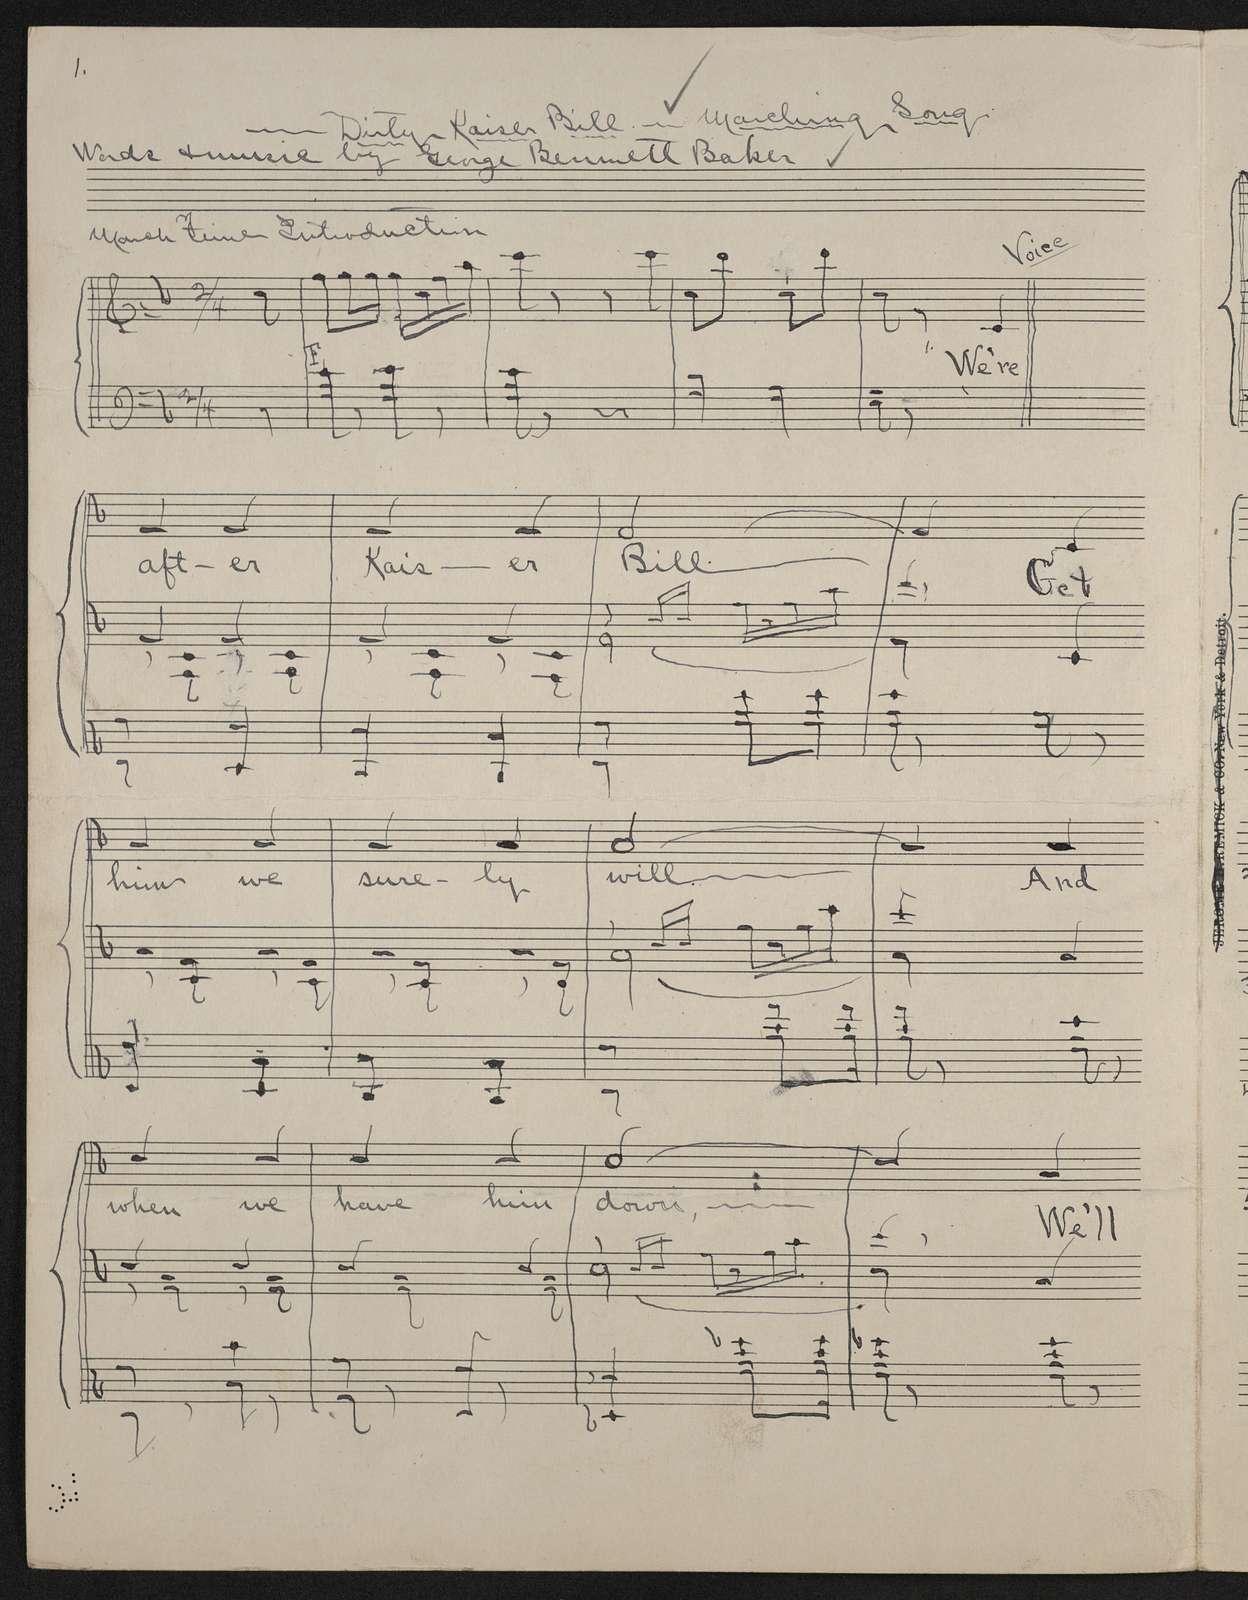 Dirty Kaiser Bill a marching song